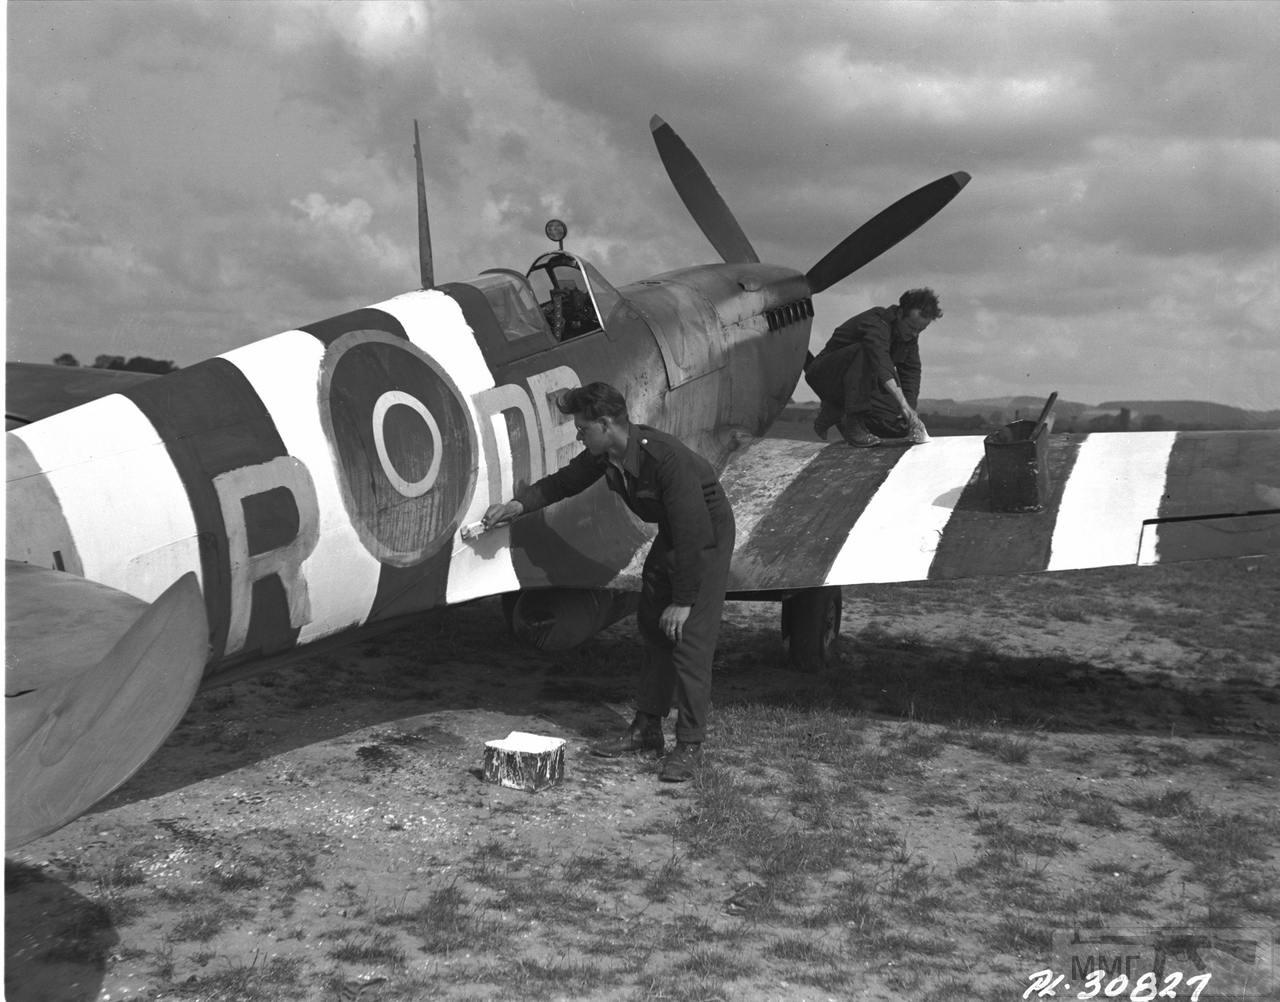 74887 - Военное фото 1939-1945 г.г. Западный фронт и Африка.